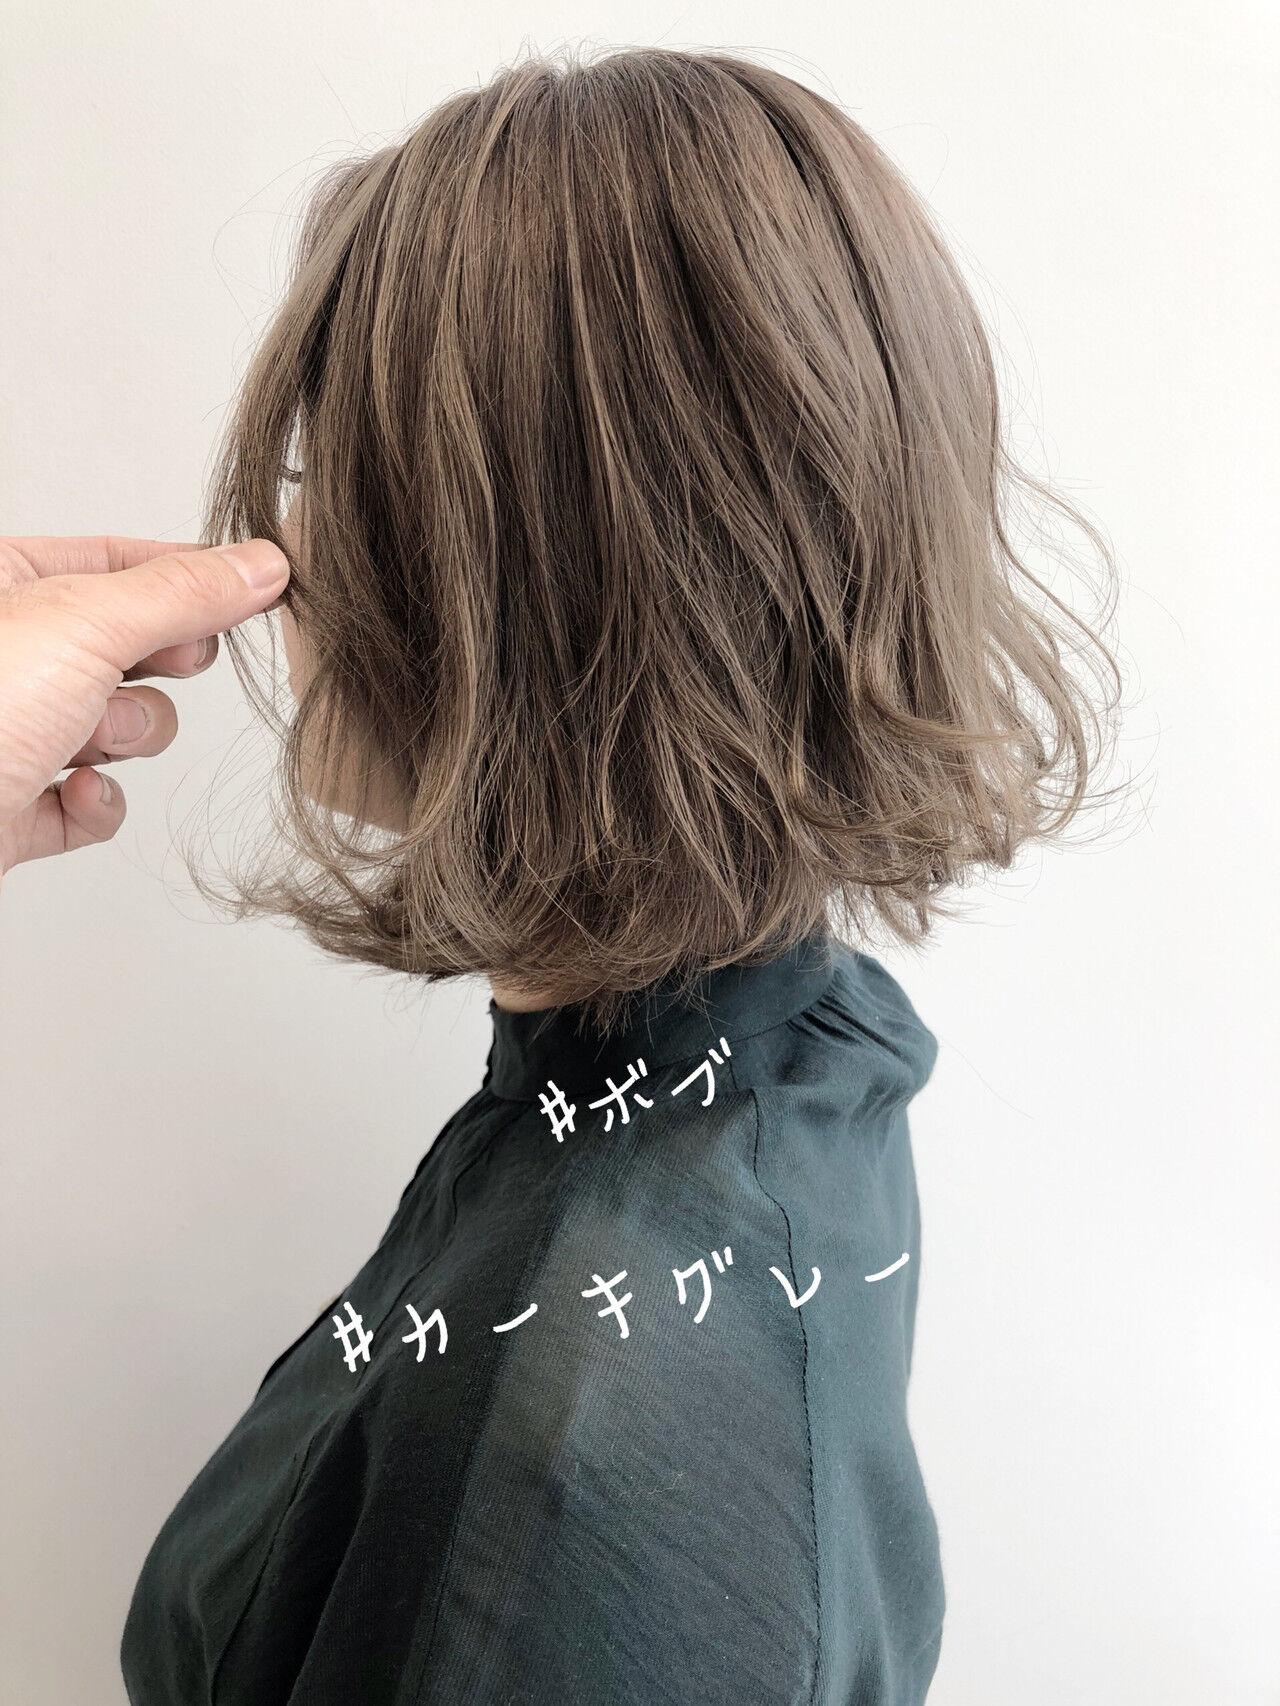 ミニボブ 切りっぱなしボブ ナチュラル ショートボブヘアスタイルや髪型の写真・画像